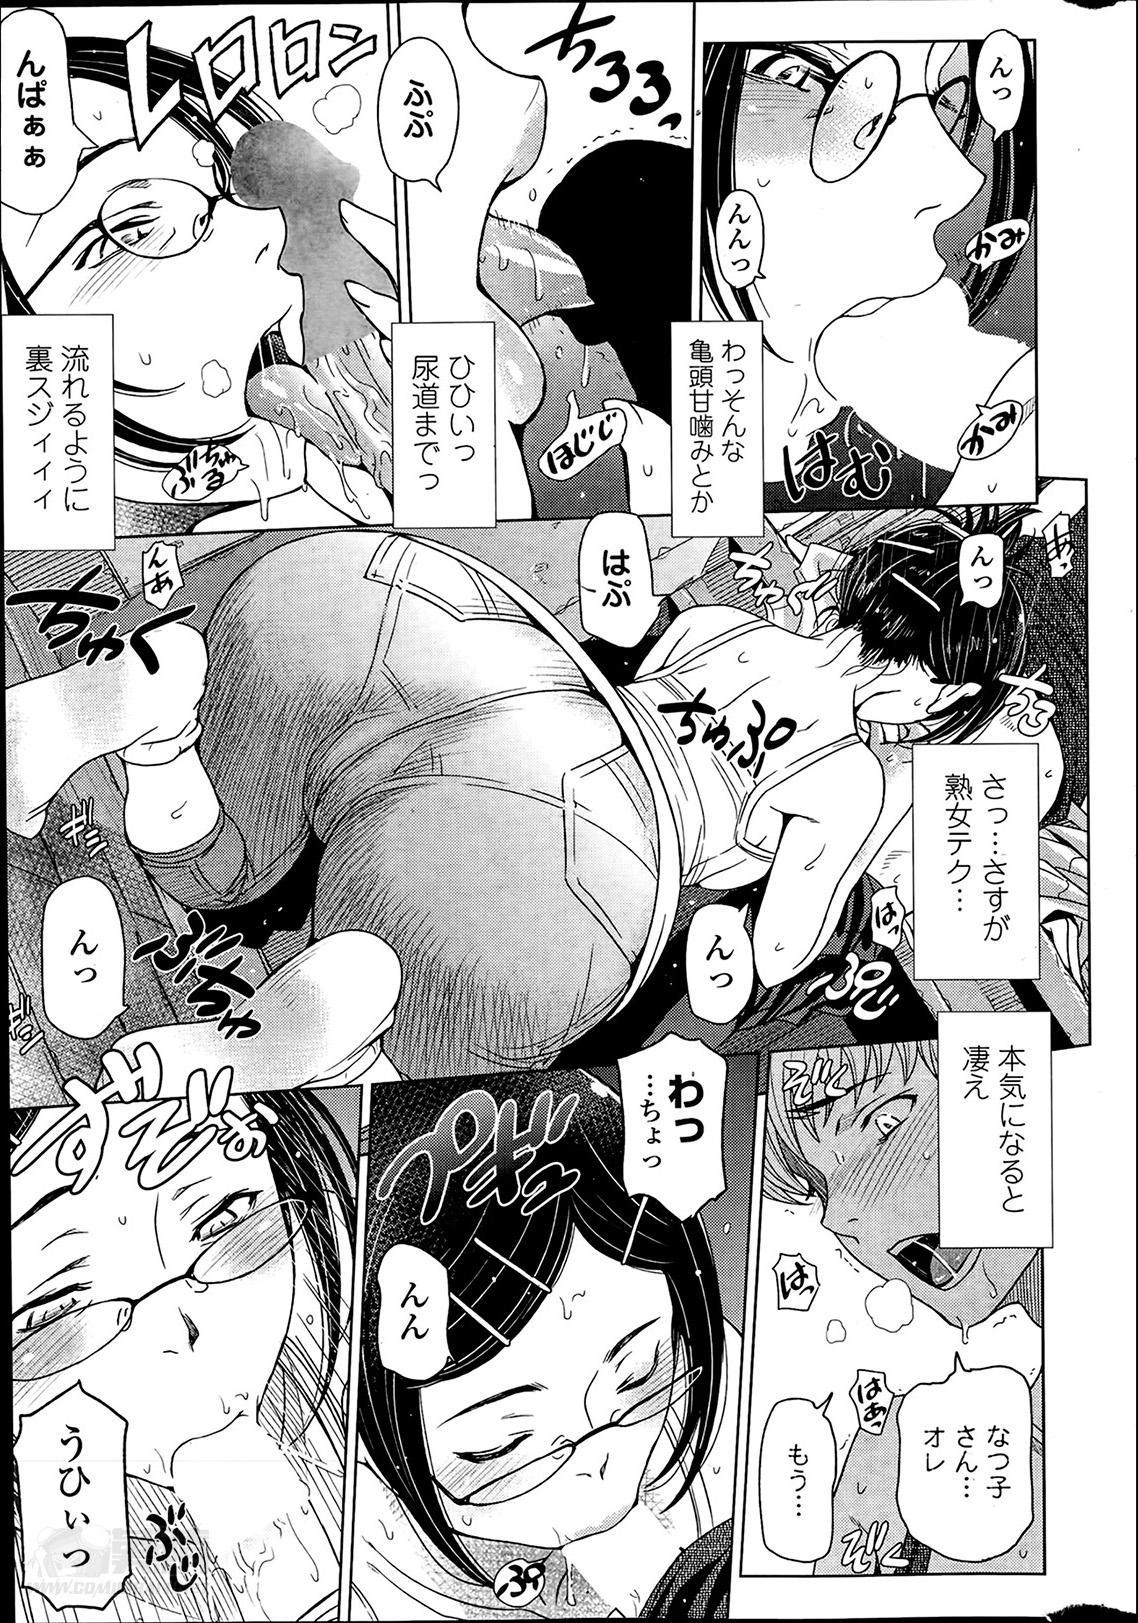 Natsu jiru + extra 30